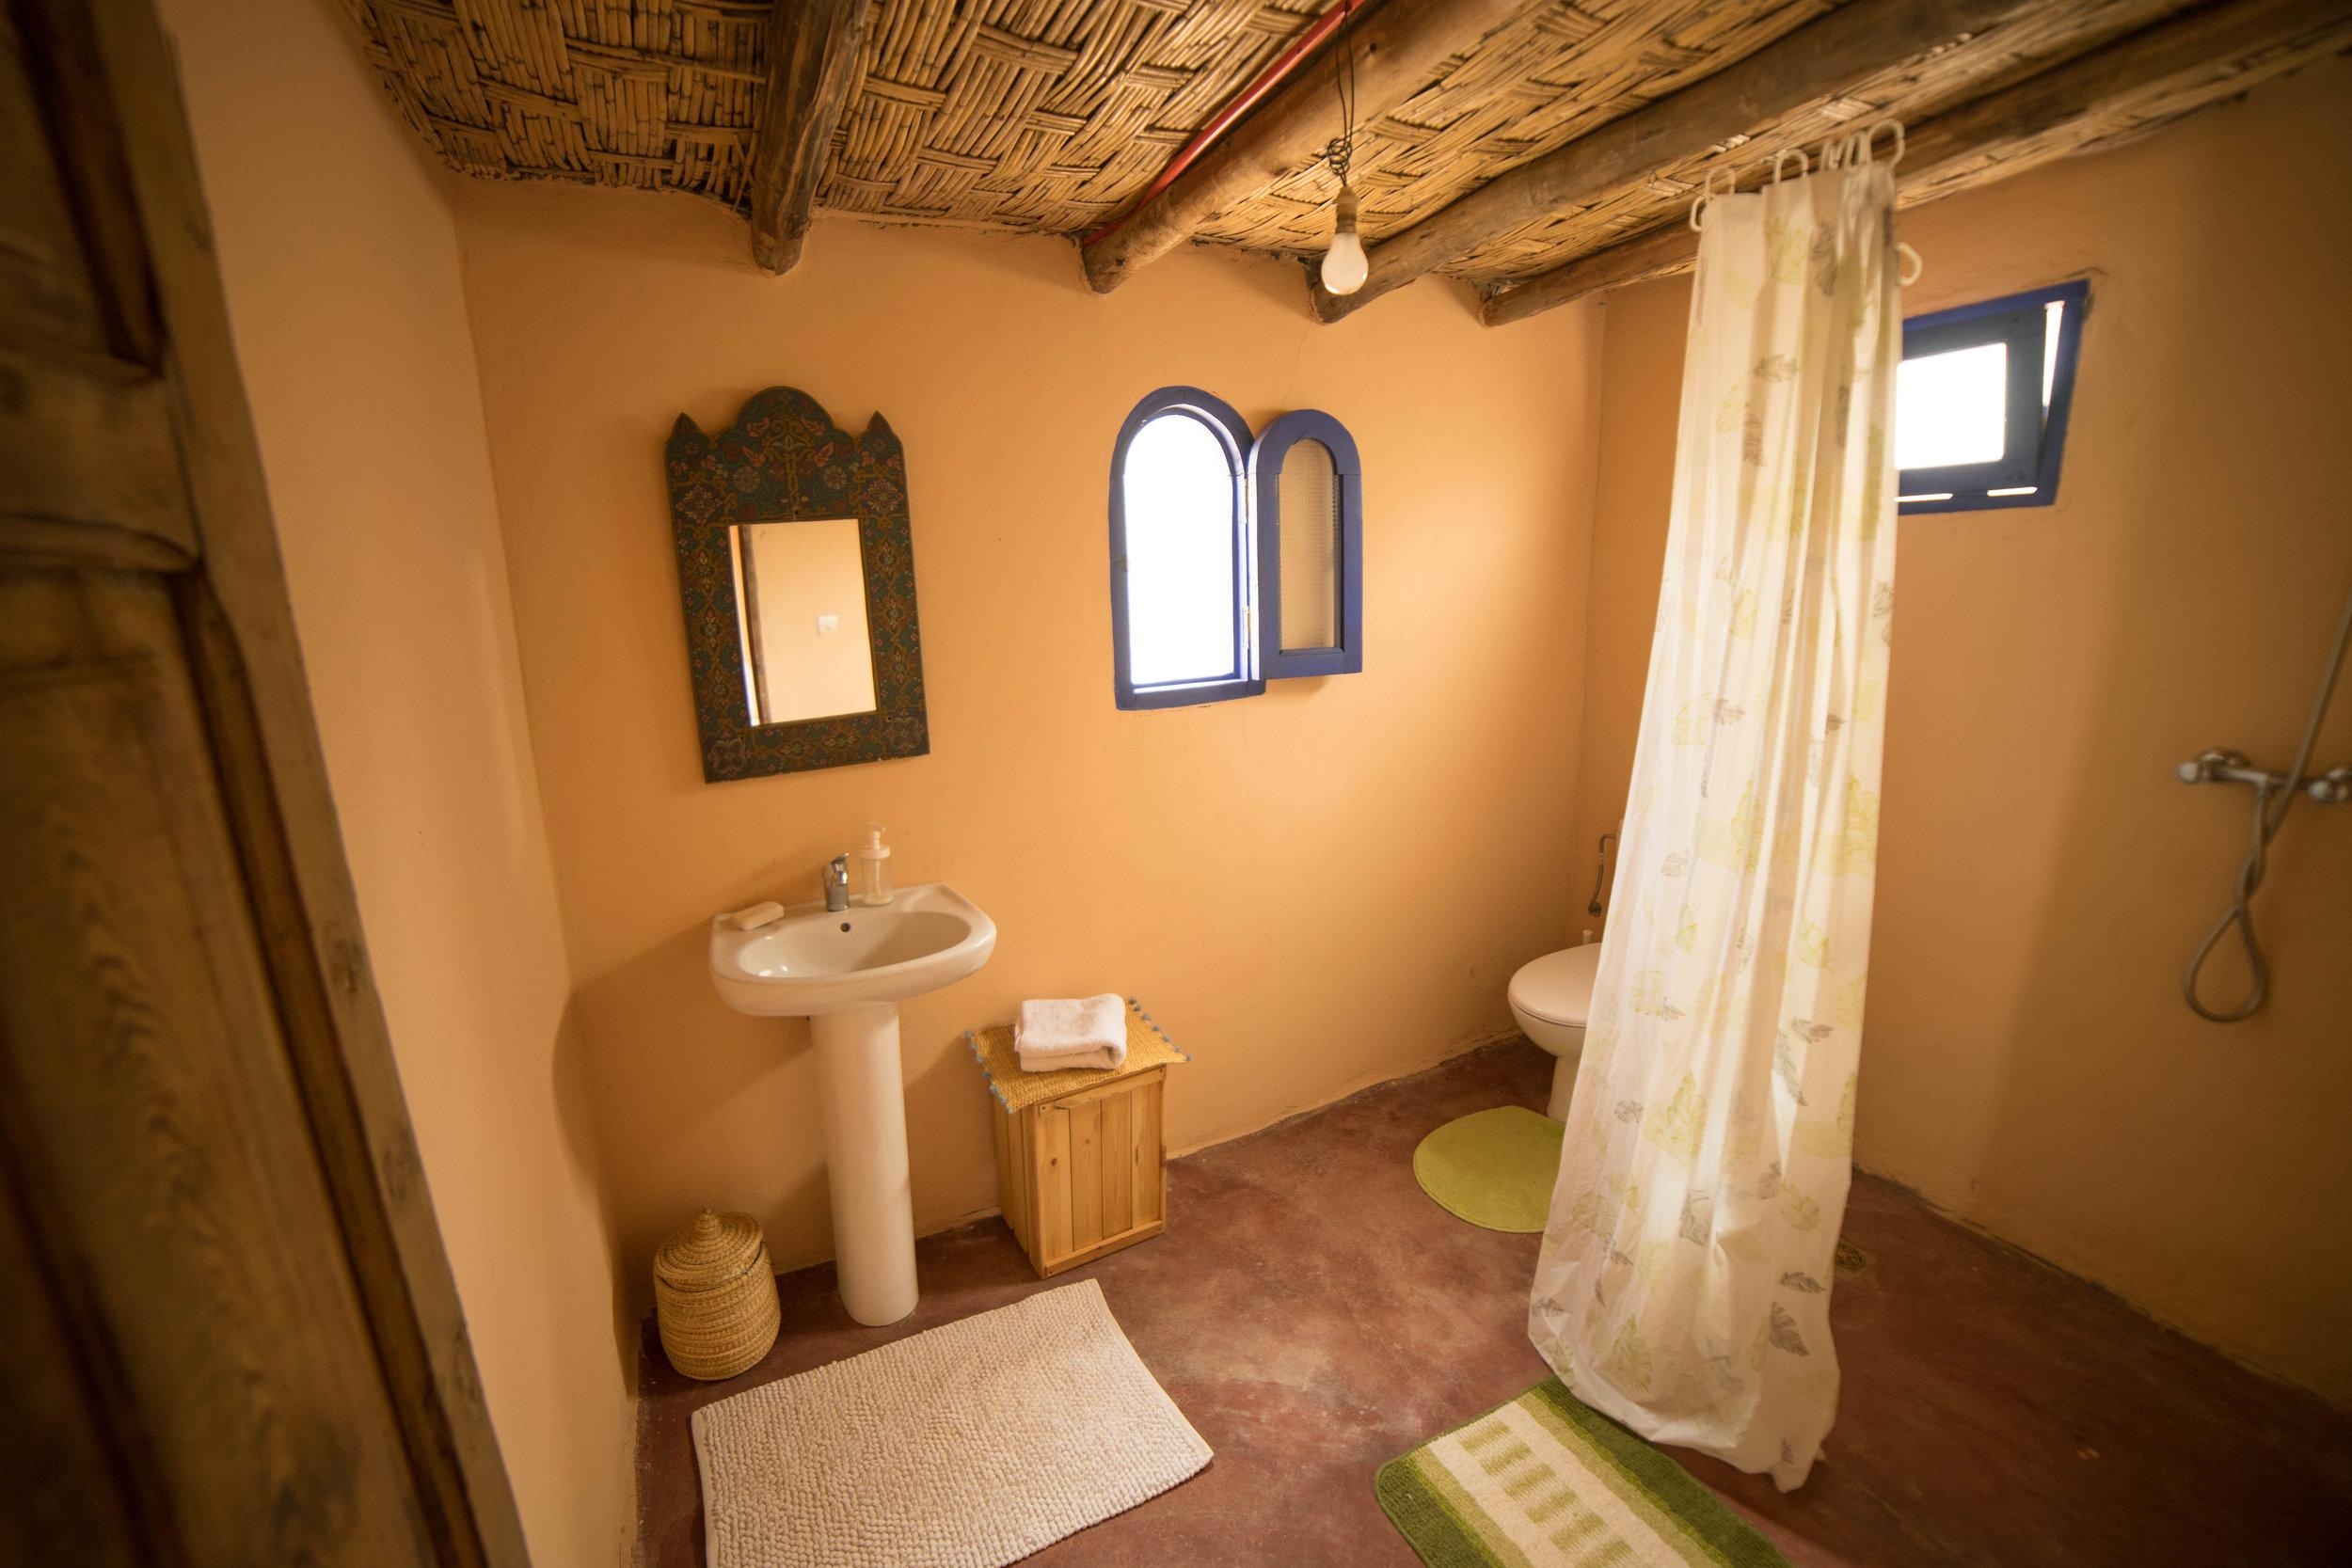 toilet shared room-1.jpg